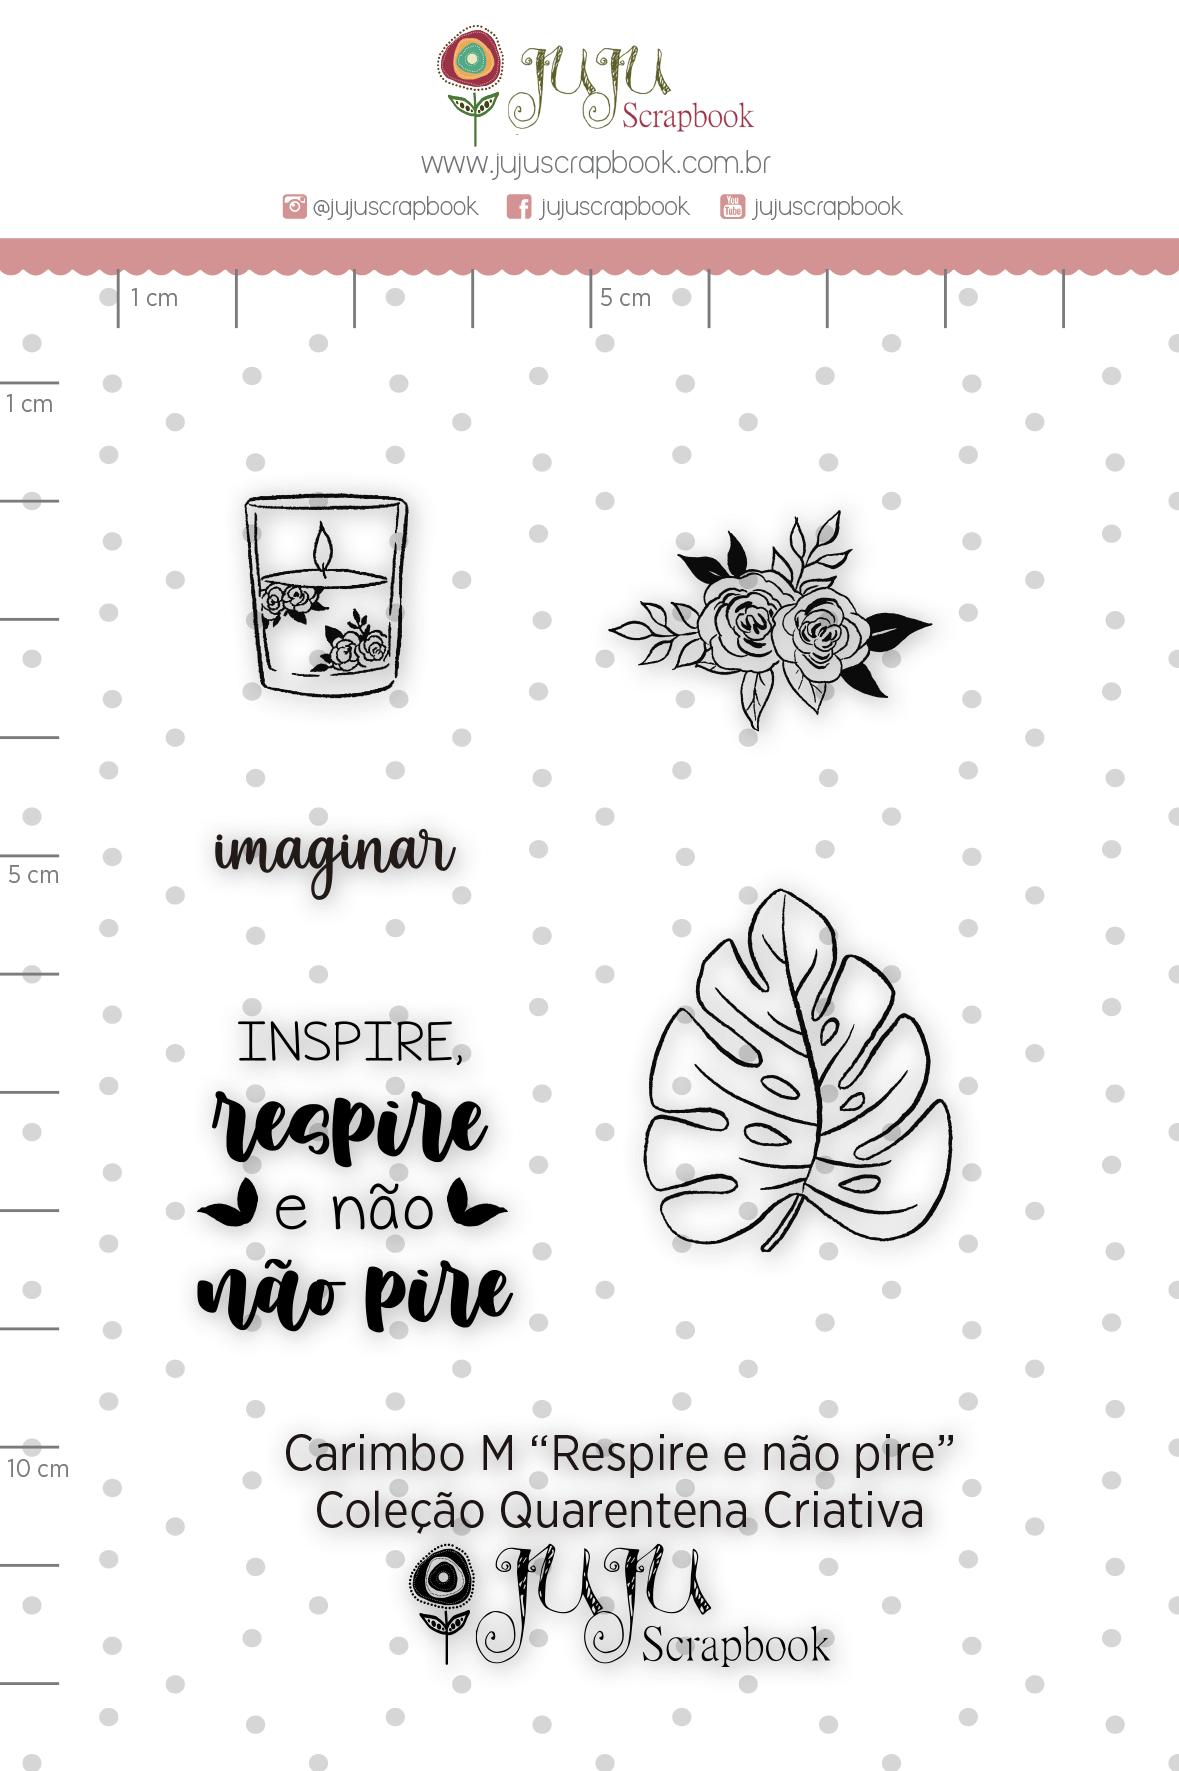 Carimbo M Respire e Não Pire - Coleção Quarentena Criativa - Juju Scrapbook  - JuJu Scrapbook